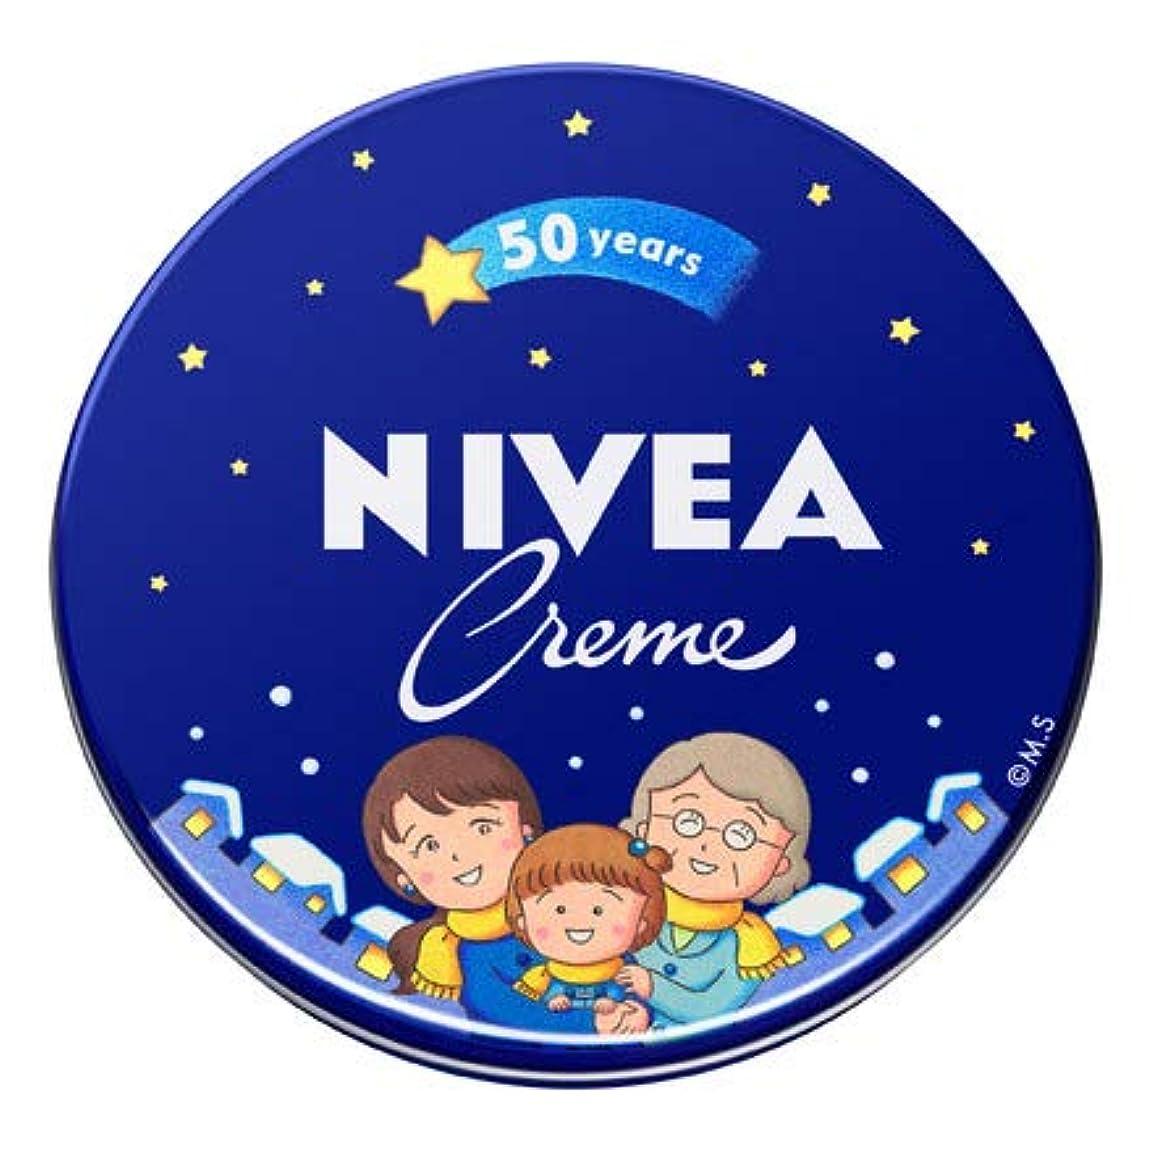 誇張する展開する最初NIVEA ニベアクリーム 中缶 56g さくらももこ限定デザイン